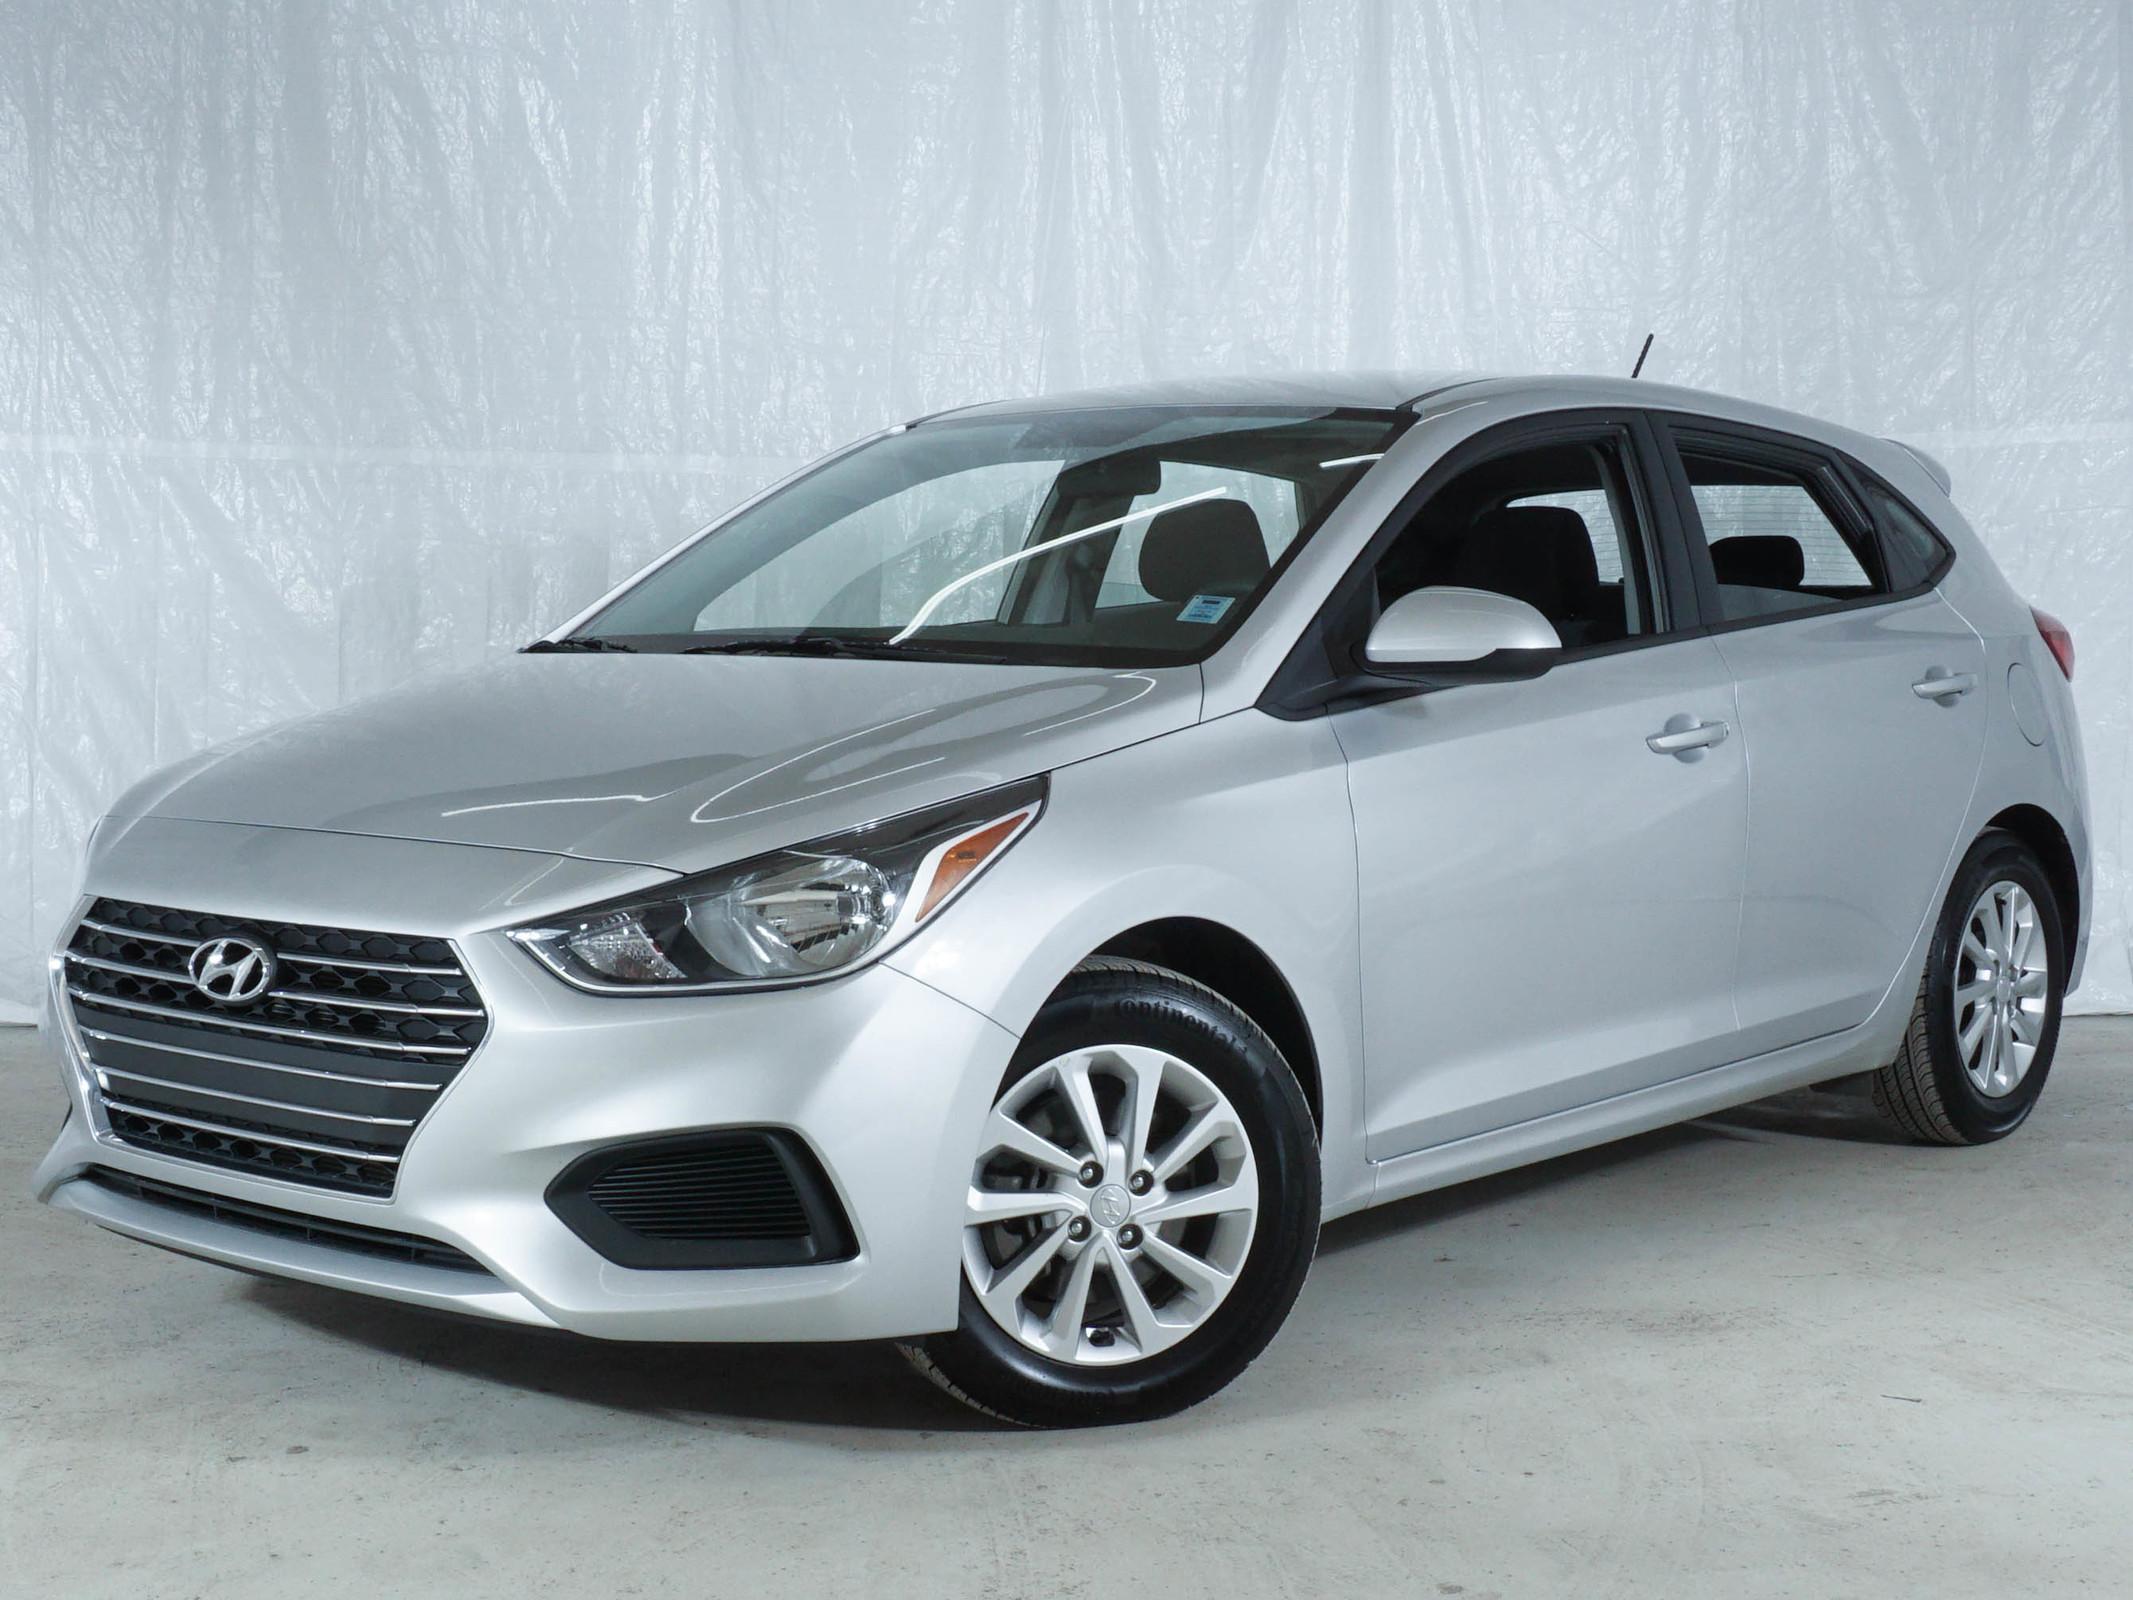 Grey Hyundai Accent Preferred